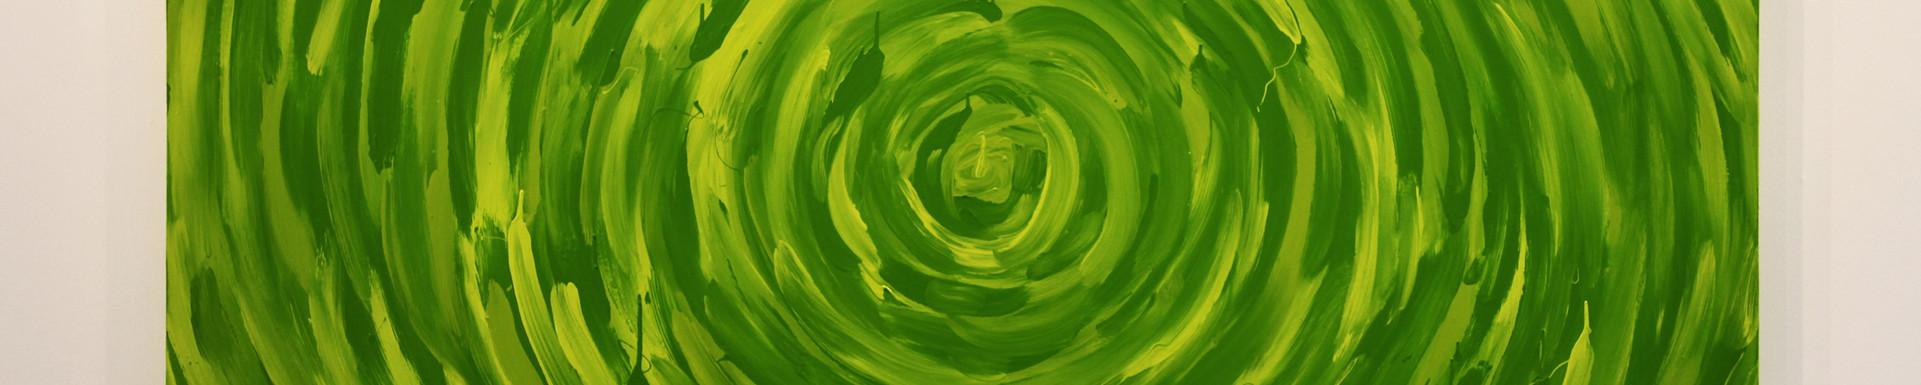 Green Swirl.jpg